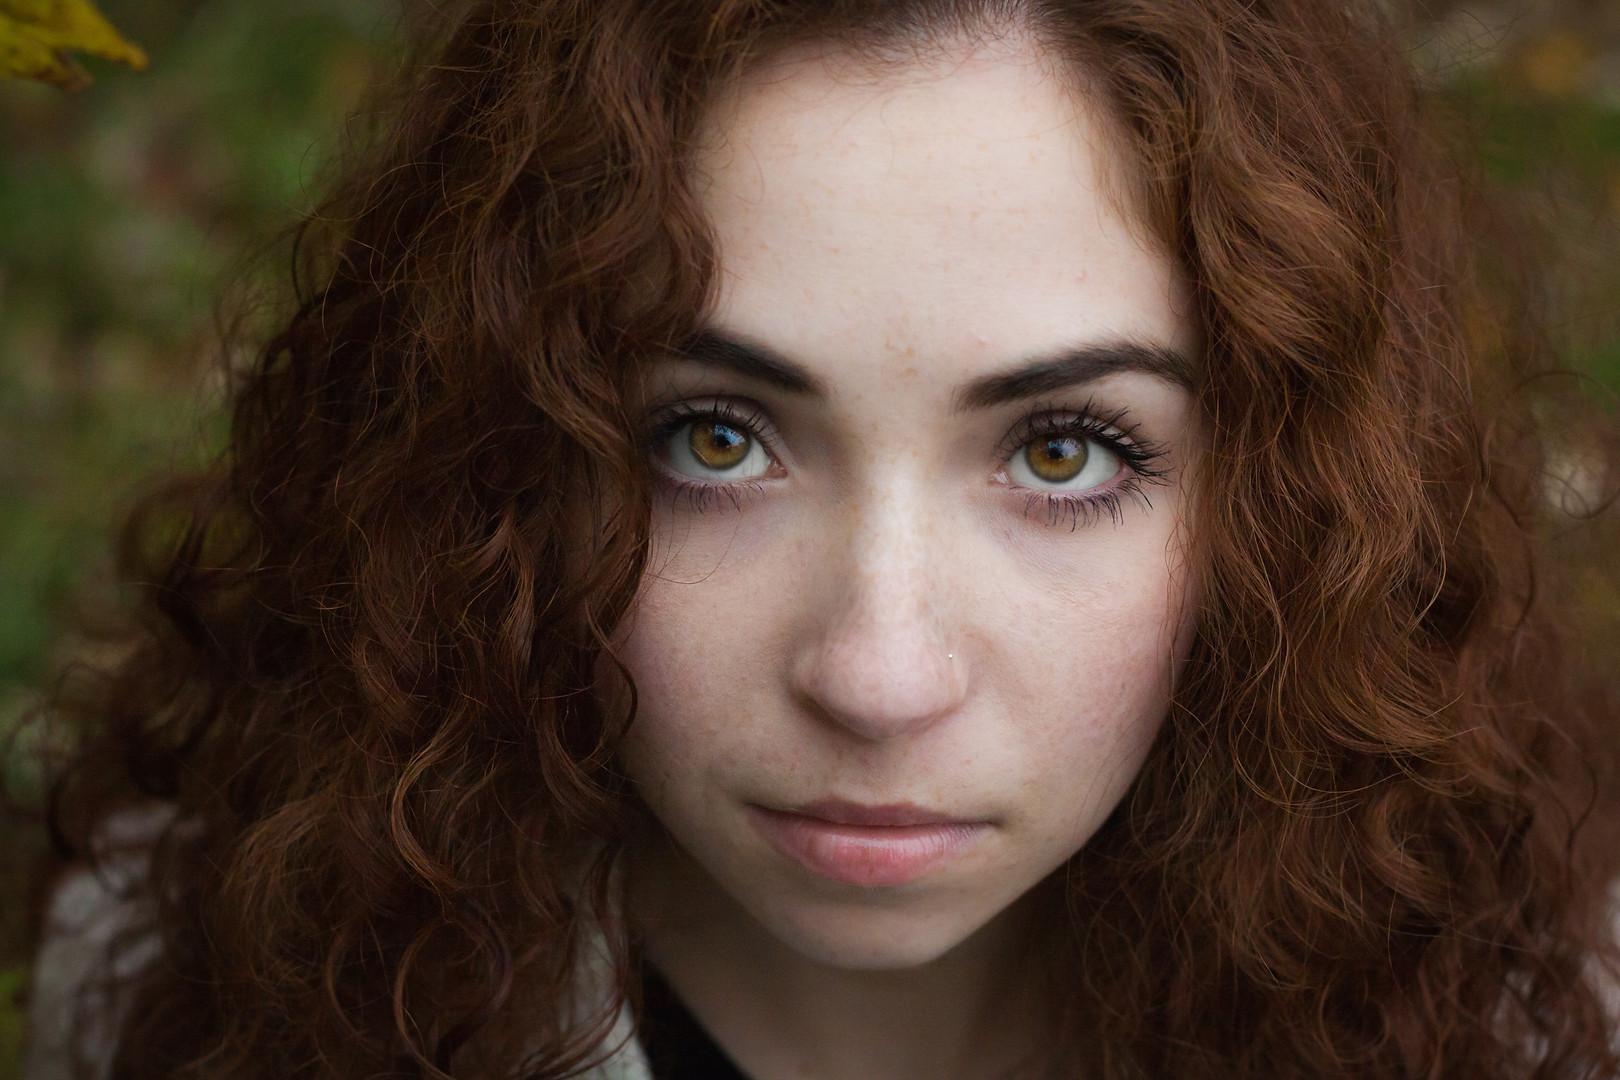 Yuliya%20Ryvkina%20Photography-portrait%